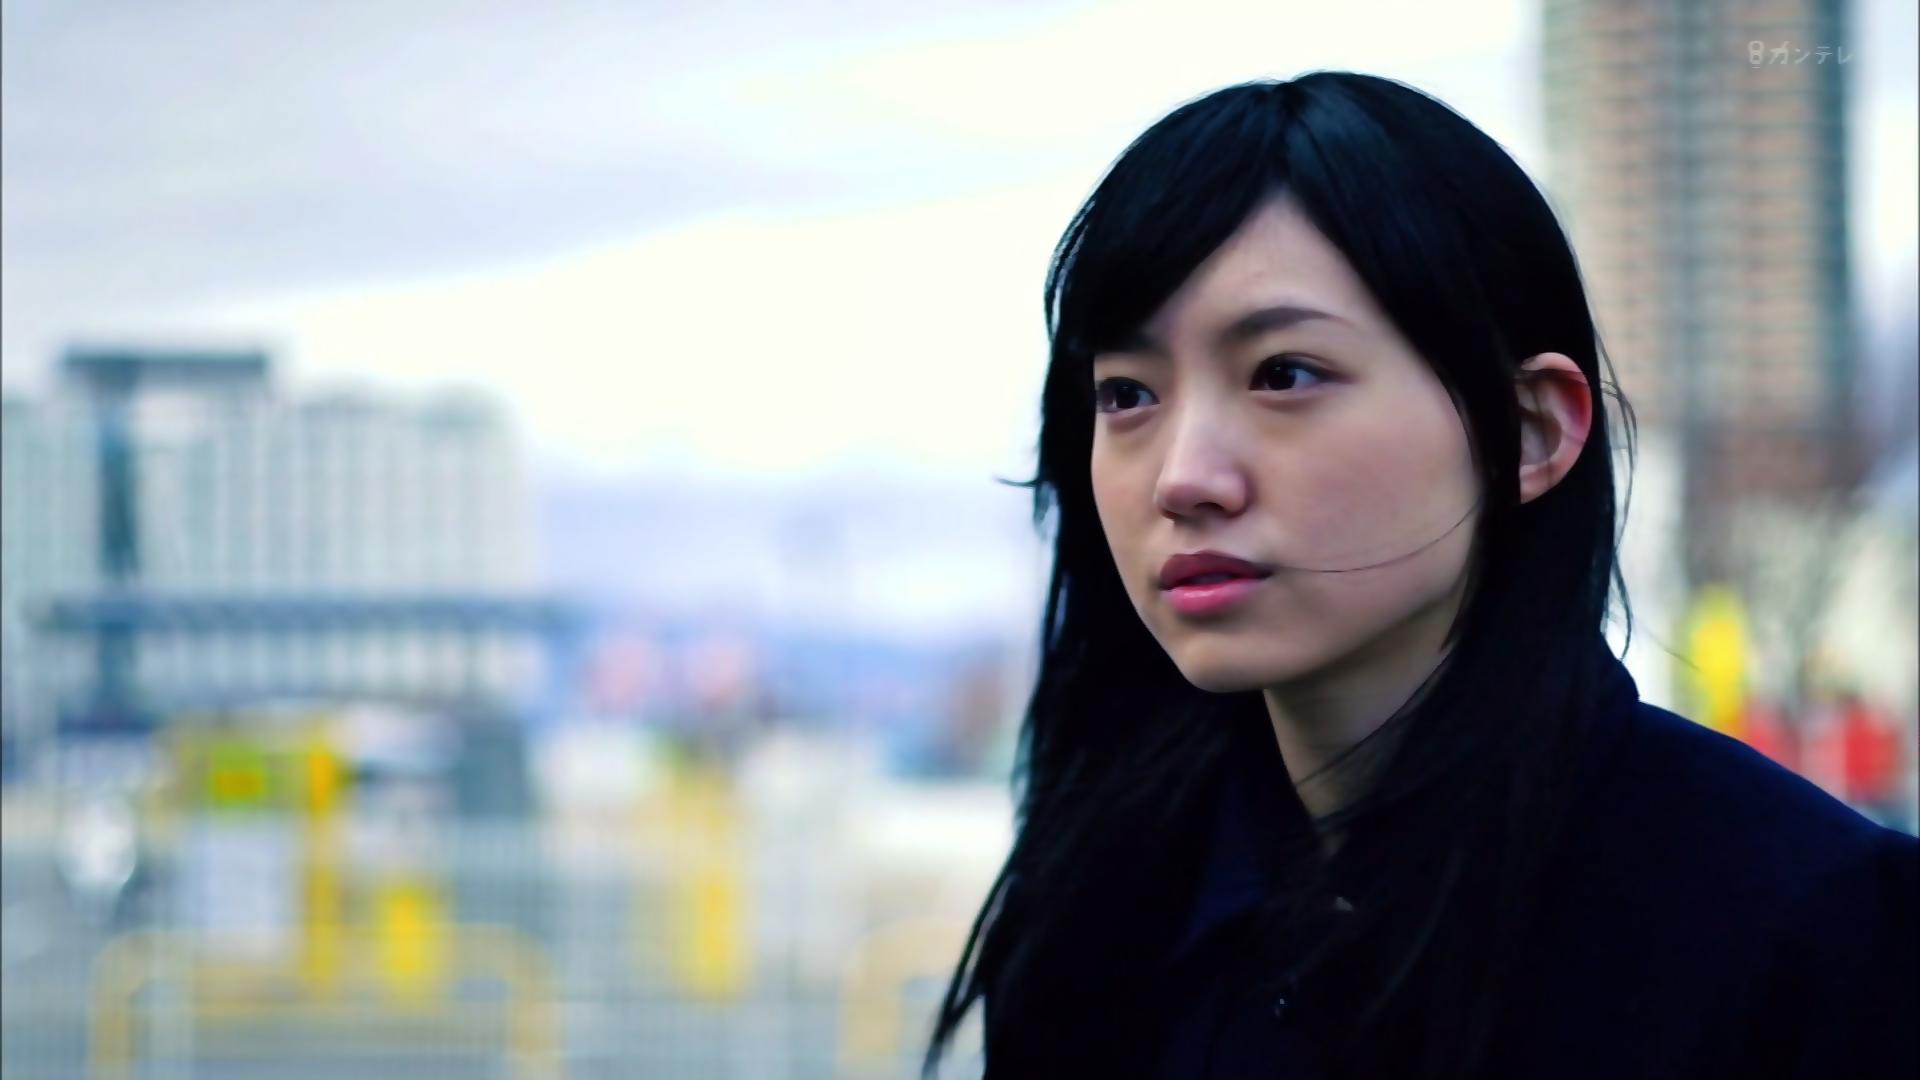 【太田夢莉】ゆーり出演 5月2日「ミナミの帝王ZERO」第2話の画像